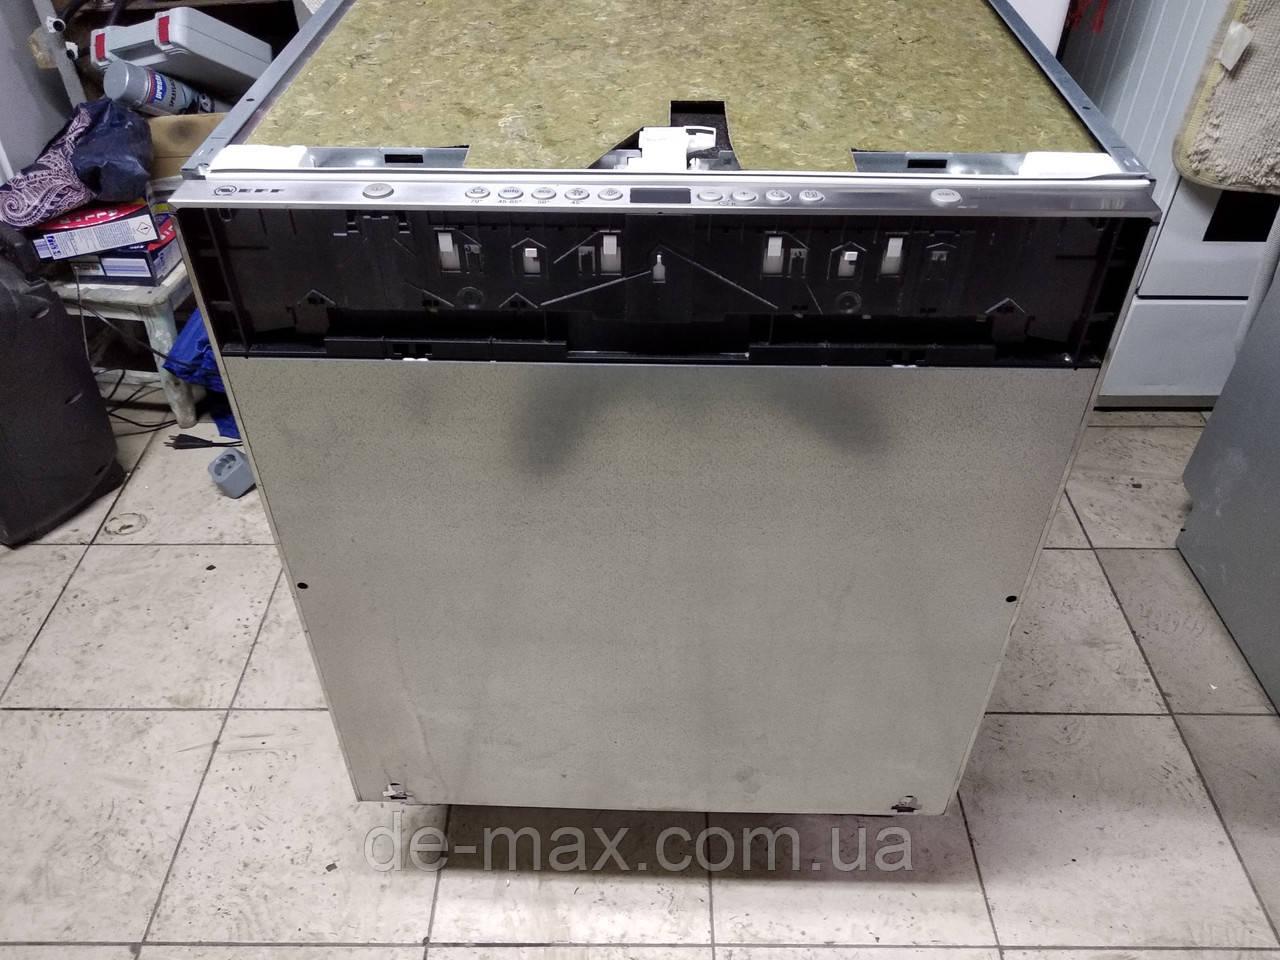 Полностью встраиваемая посудомоечная машина (BOSCH)Neff S51M53X1GB